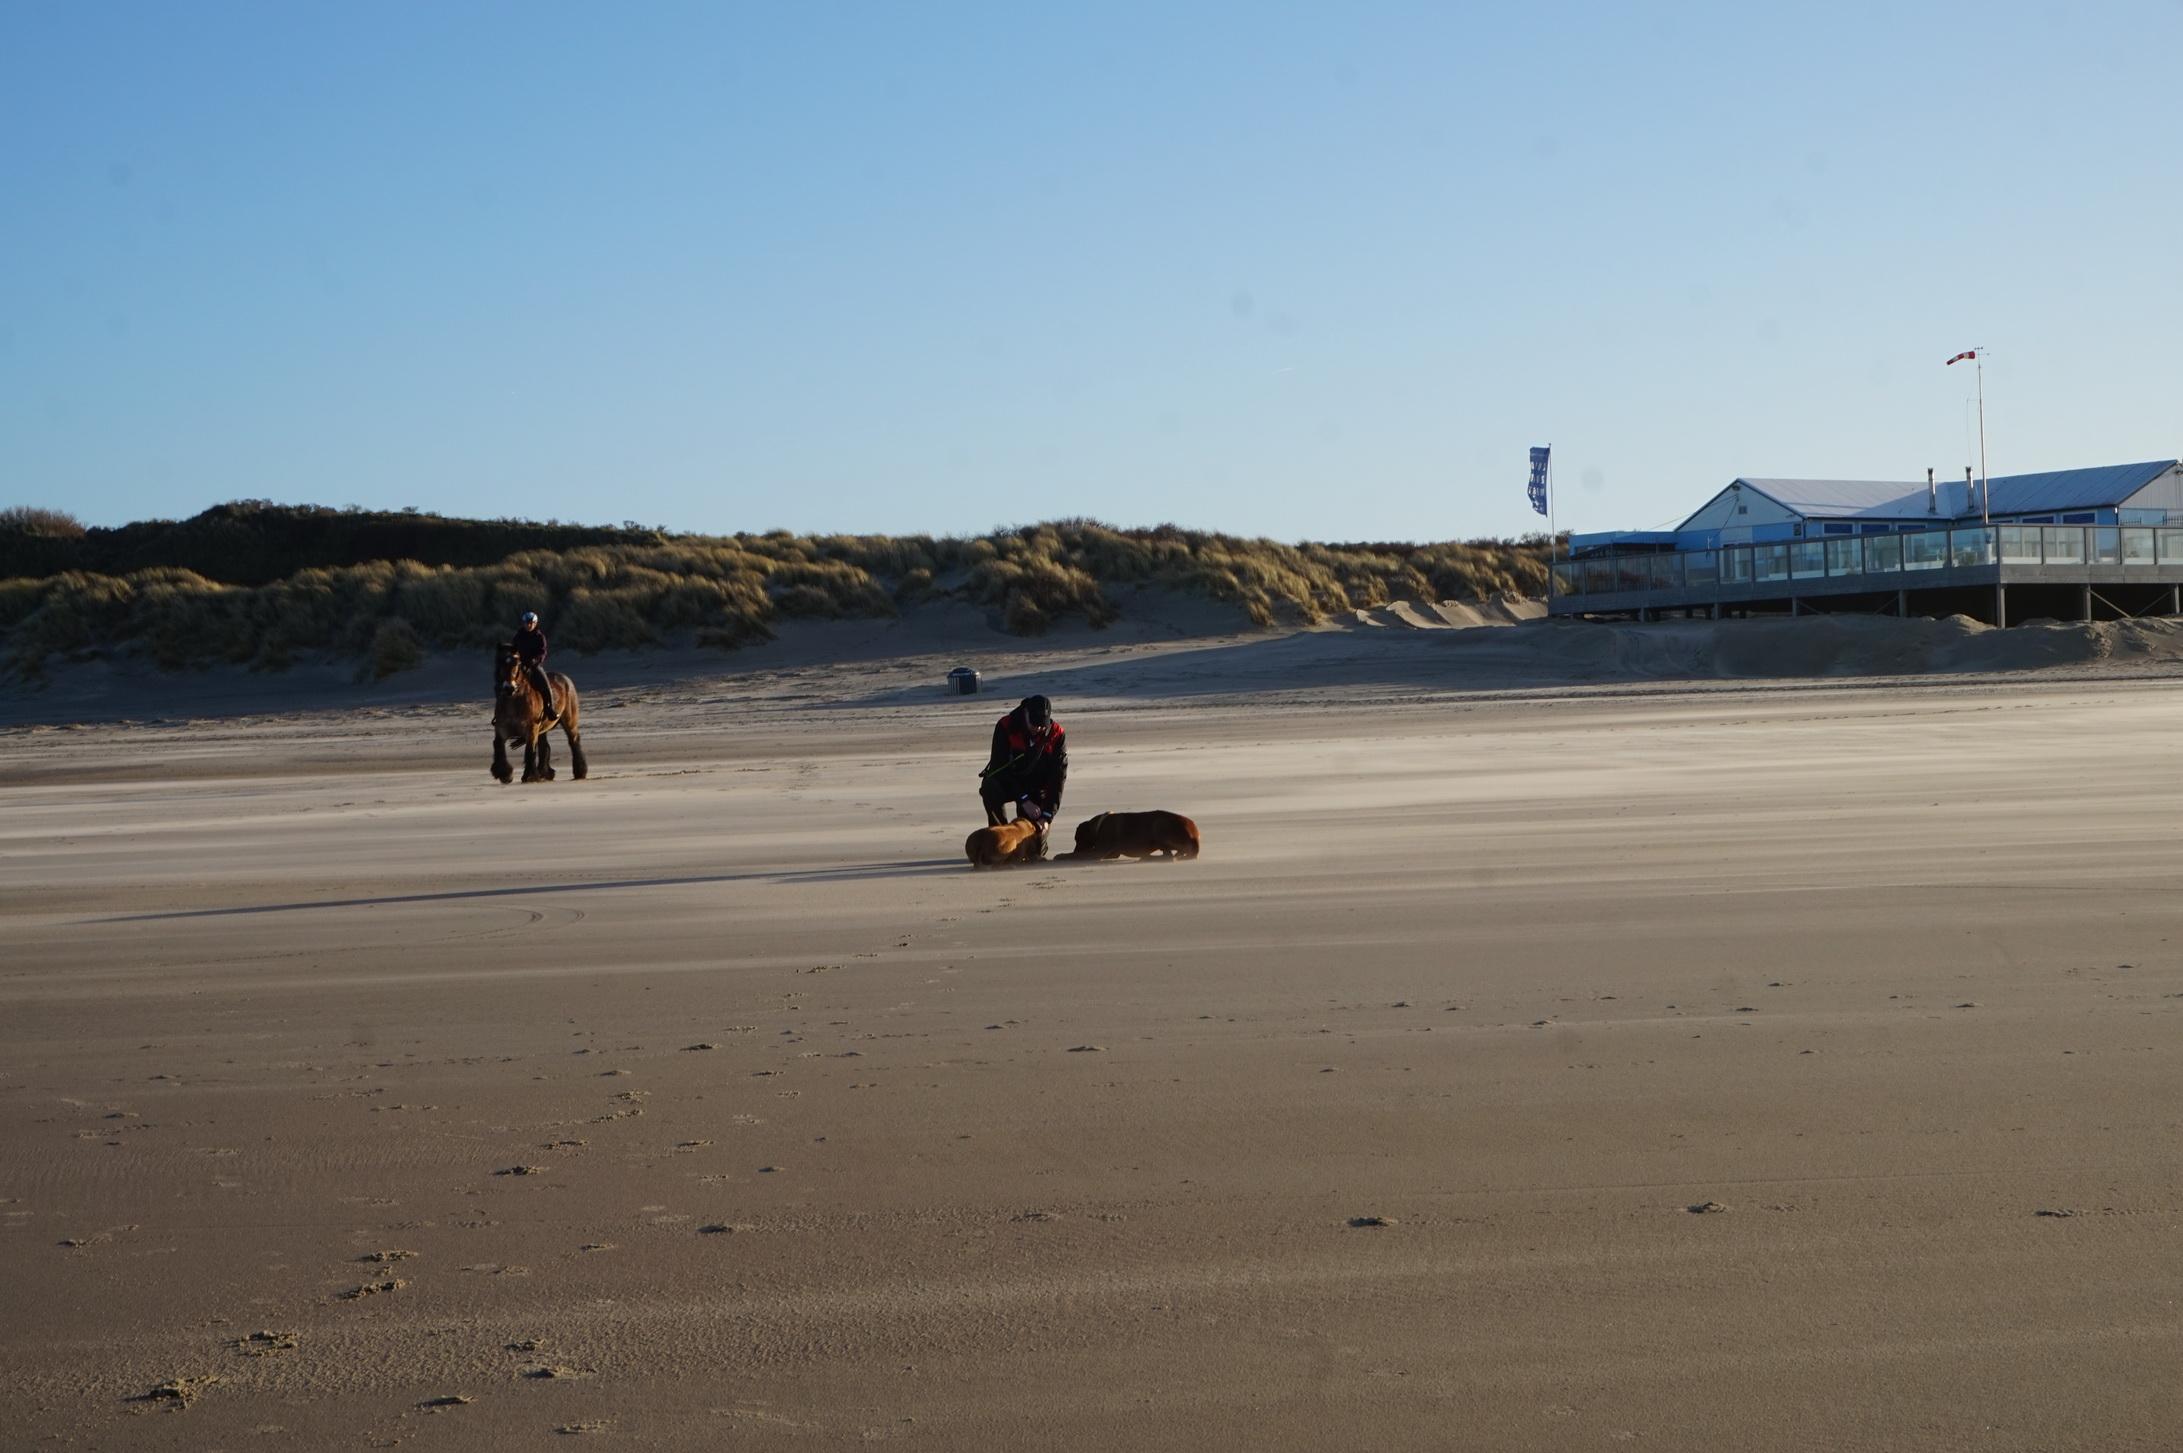 Der Strand gehört im Winter den Hunden, Pferden und wenigen Spaziergängern